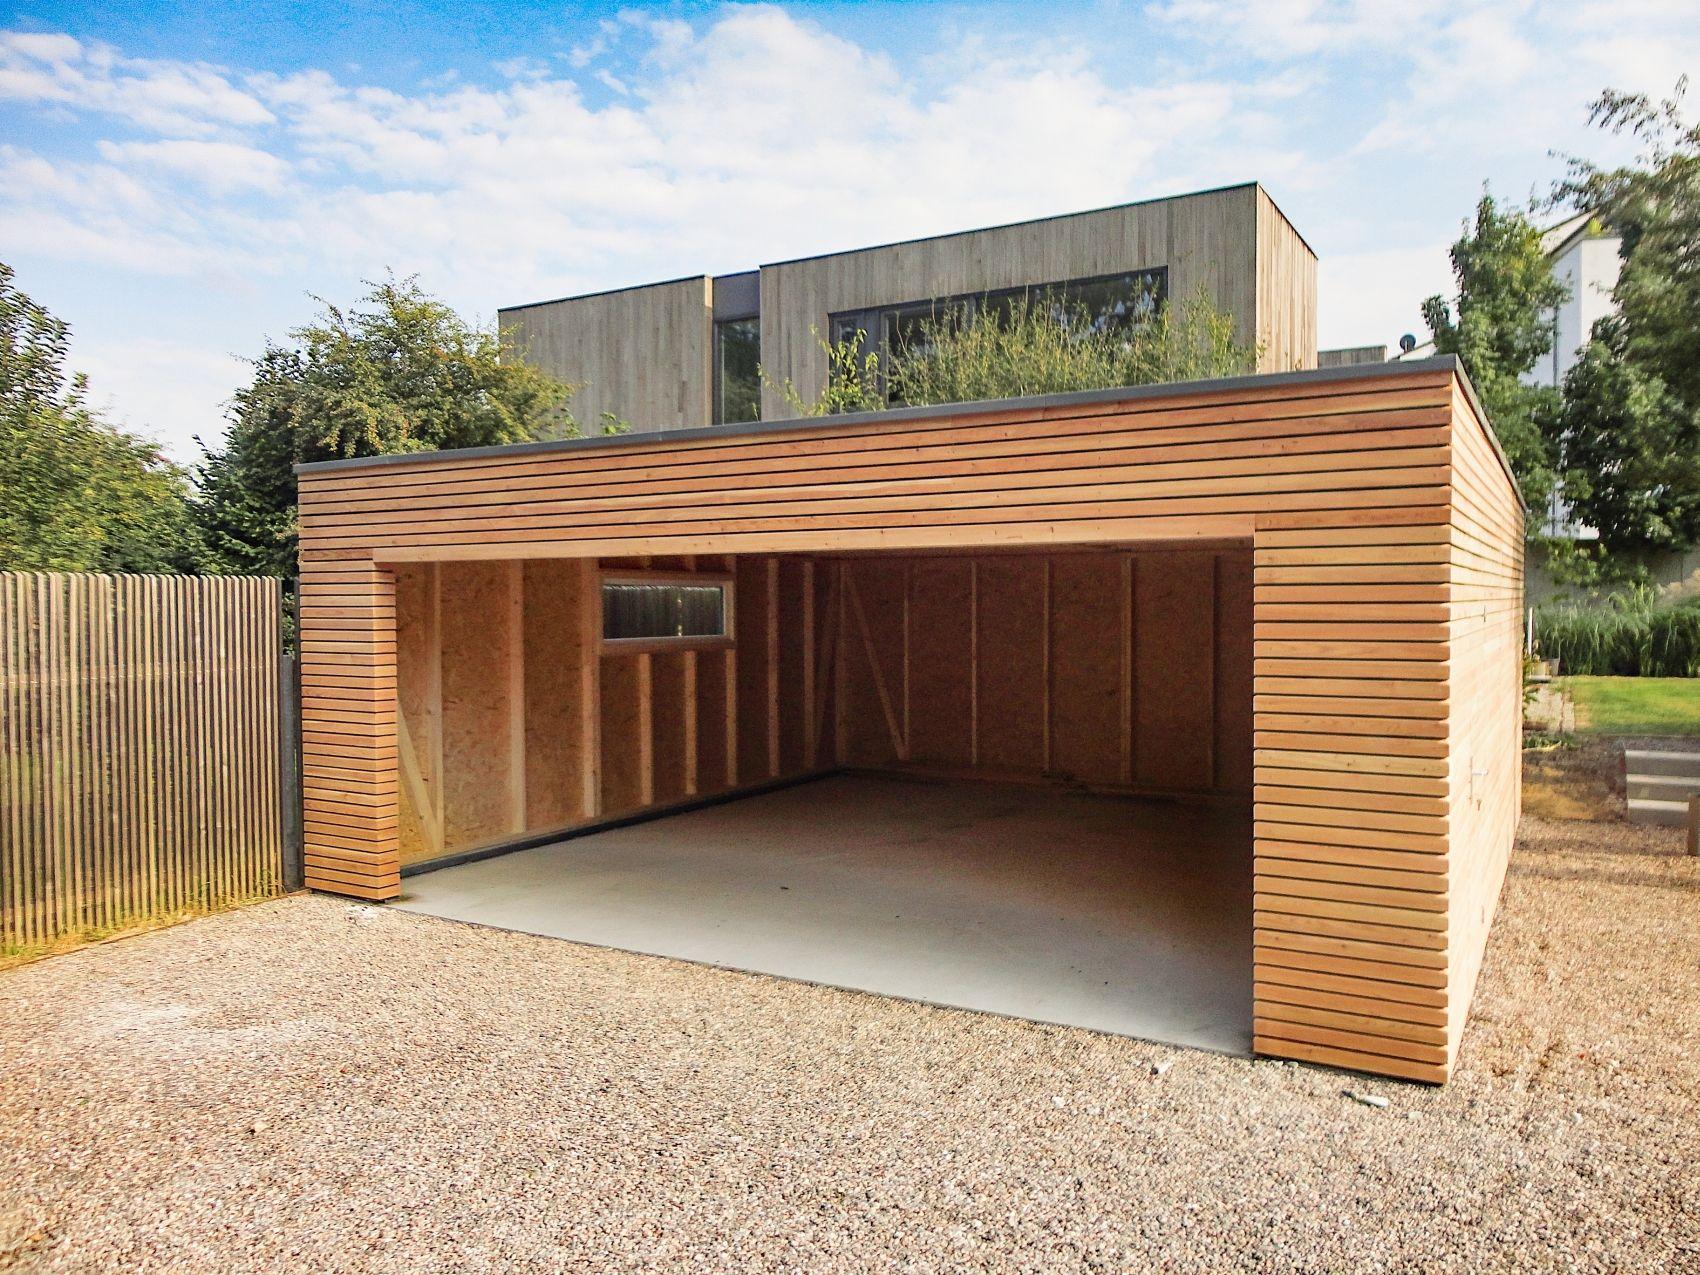 Holzgarage Naturhouse Holzgarage Garage Aus Holz Doppelgarage